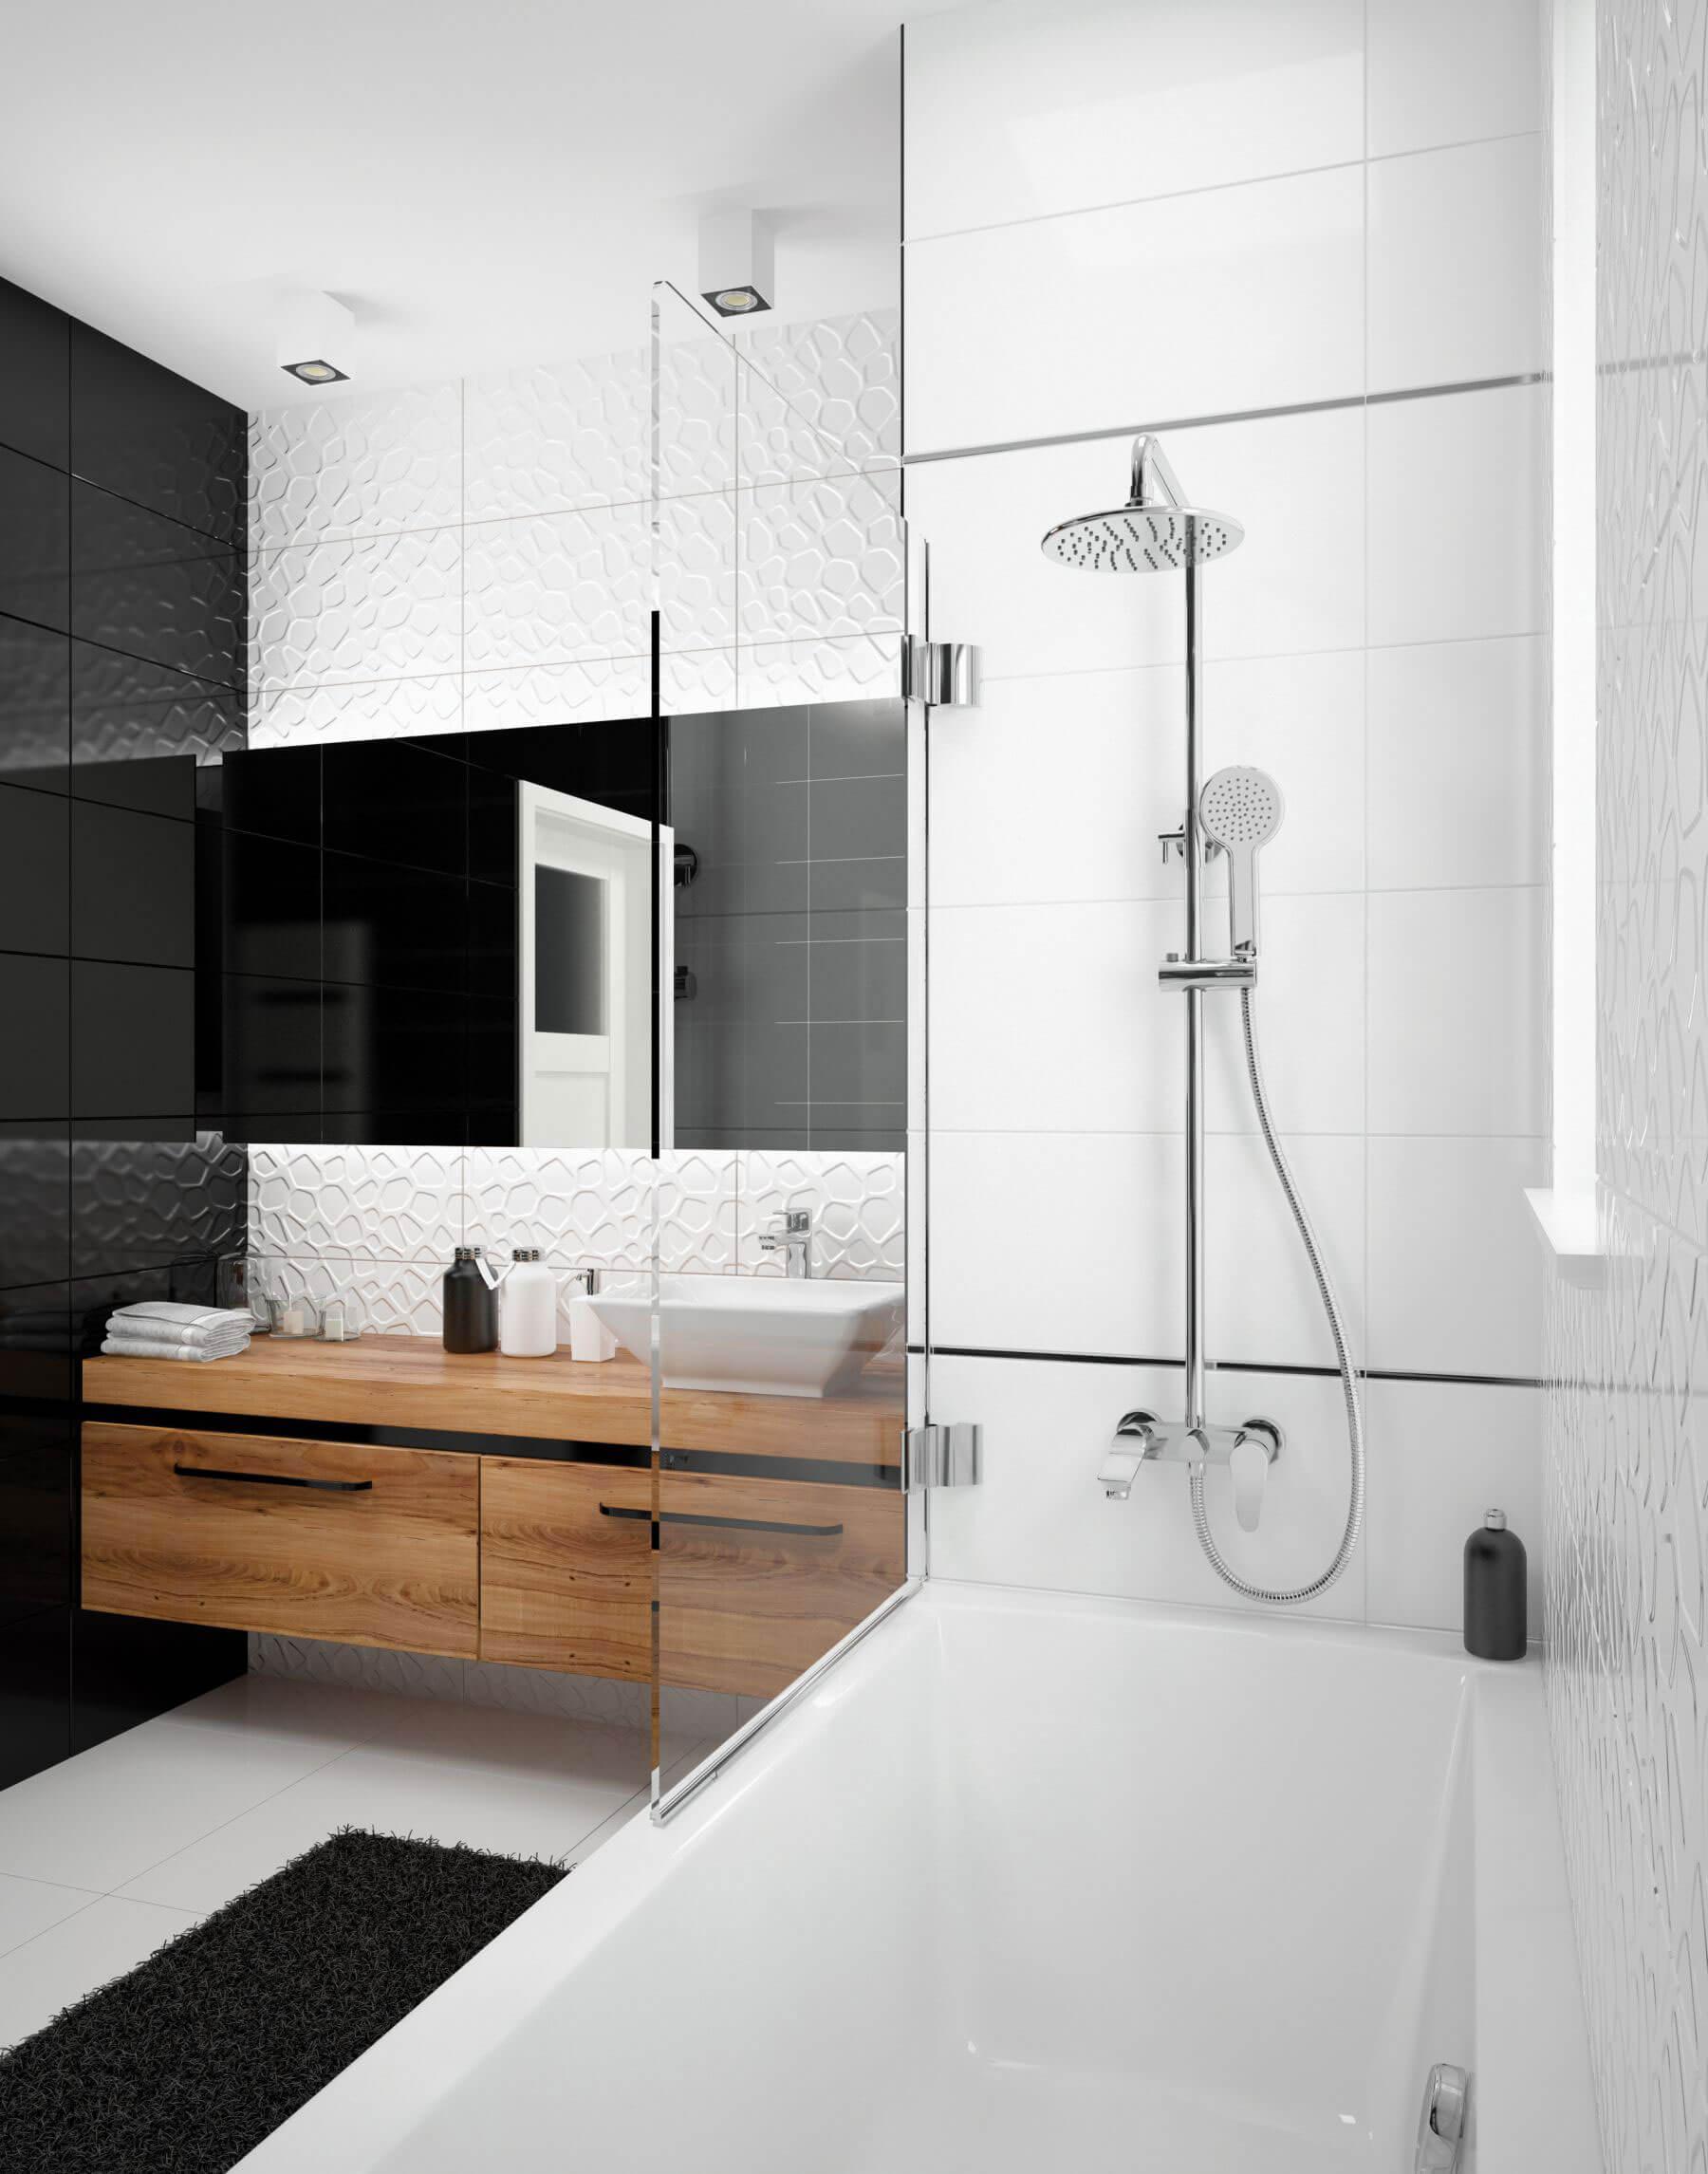 Deante ABELIA  - dlaczego tej deszczownicy jeszcze nie masz w swojej łazience?